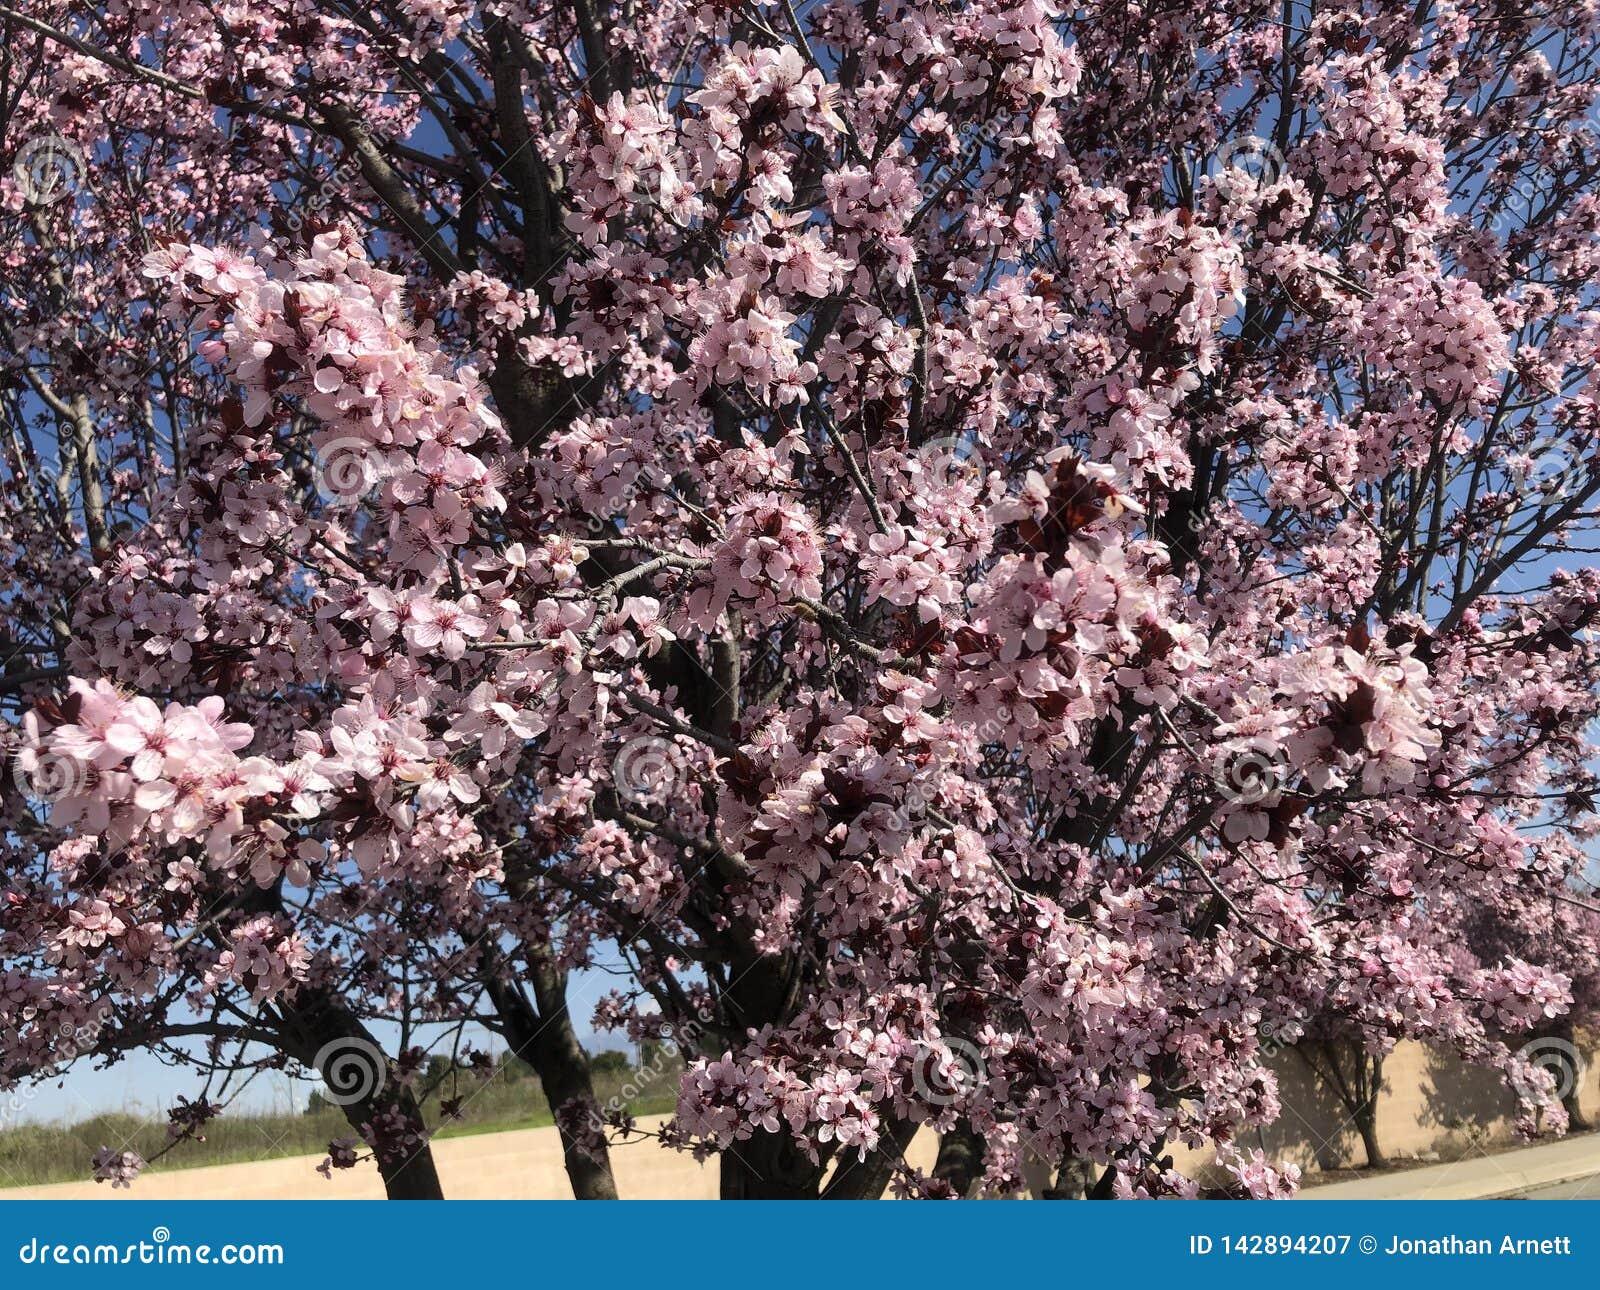 Kirschblüten schmücken die Straßen